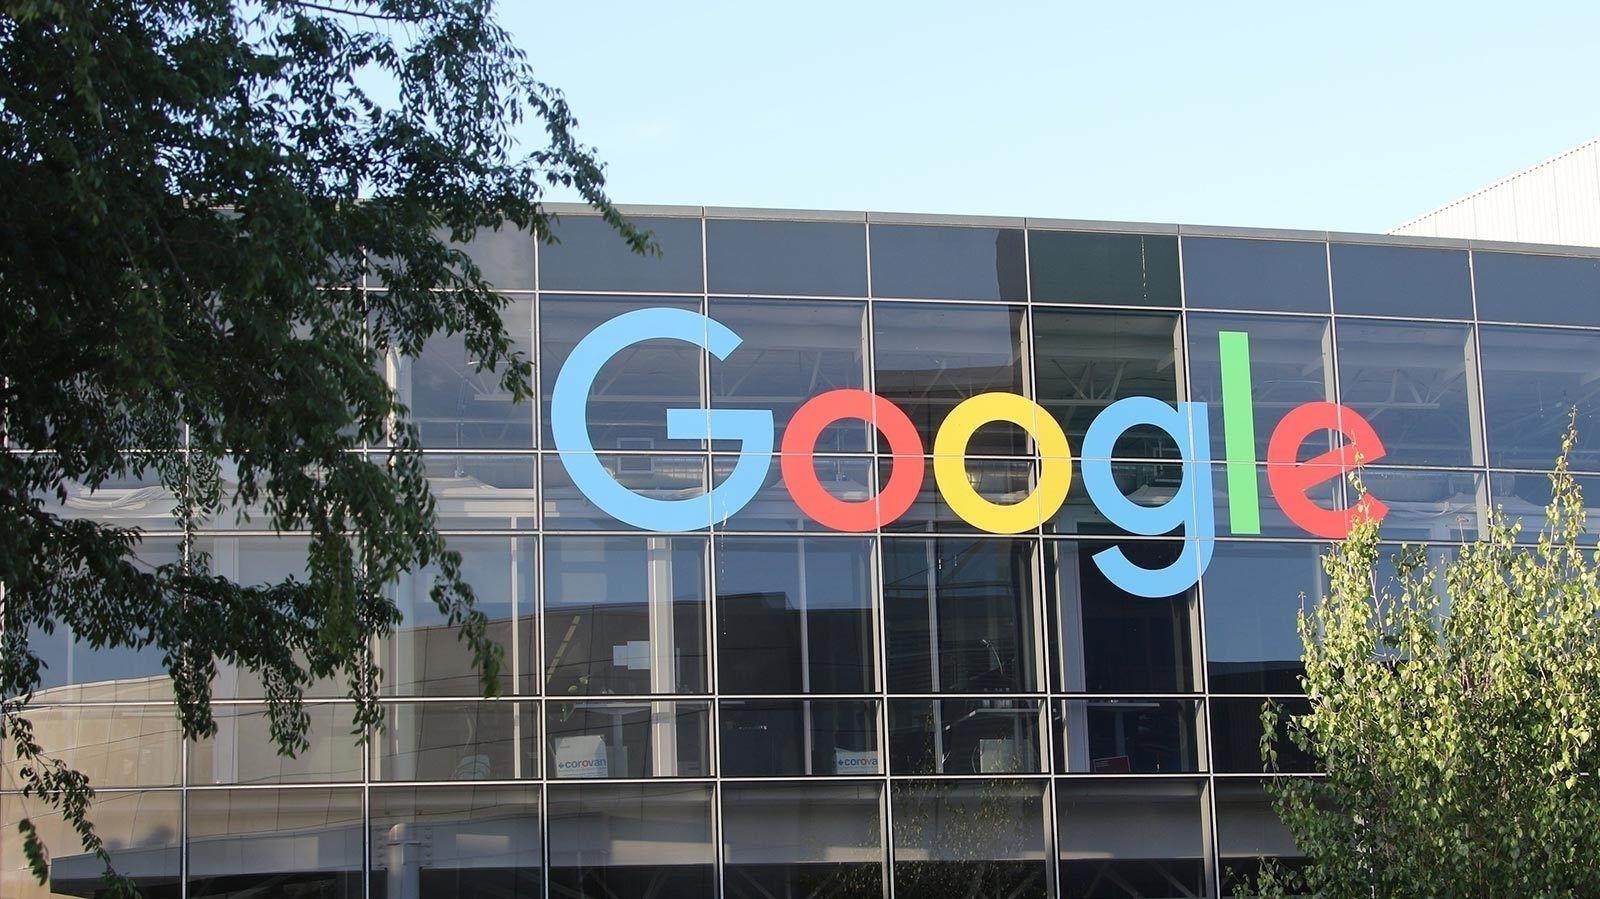 Internetforscher: IT-Riesen zum Datentausch zwingen